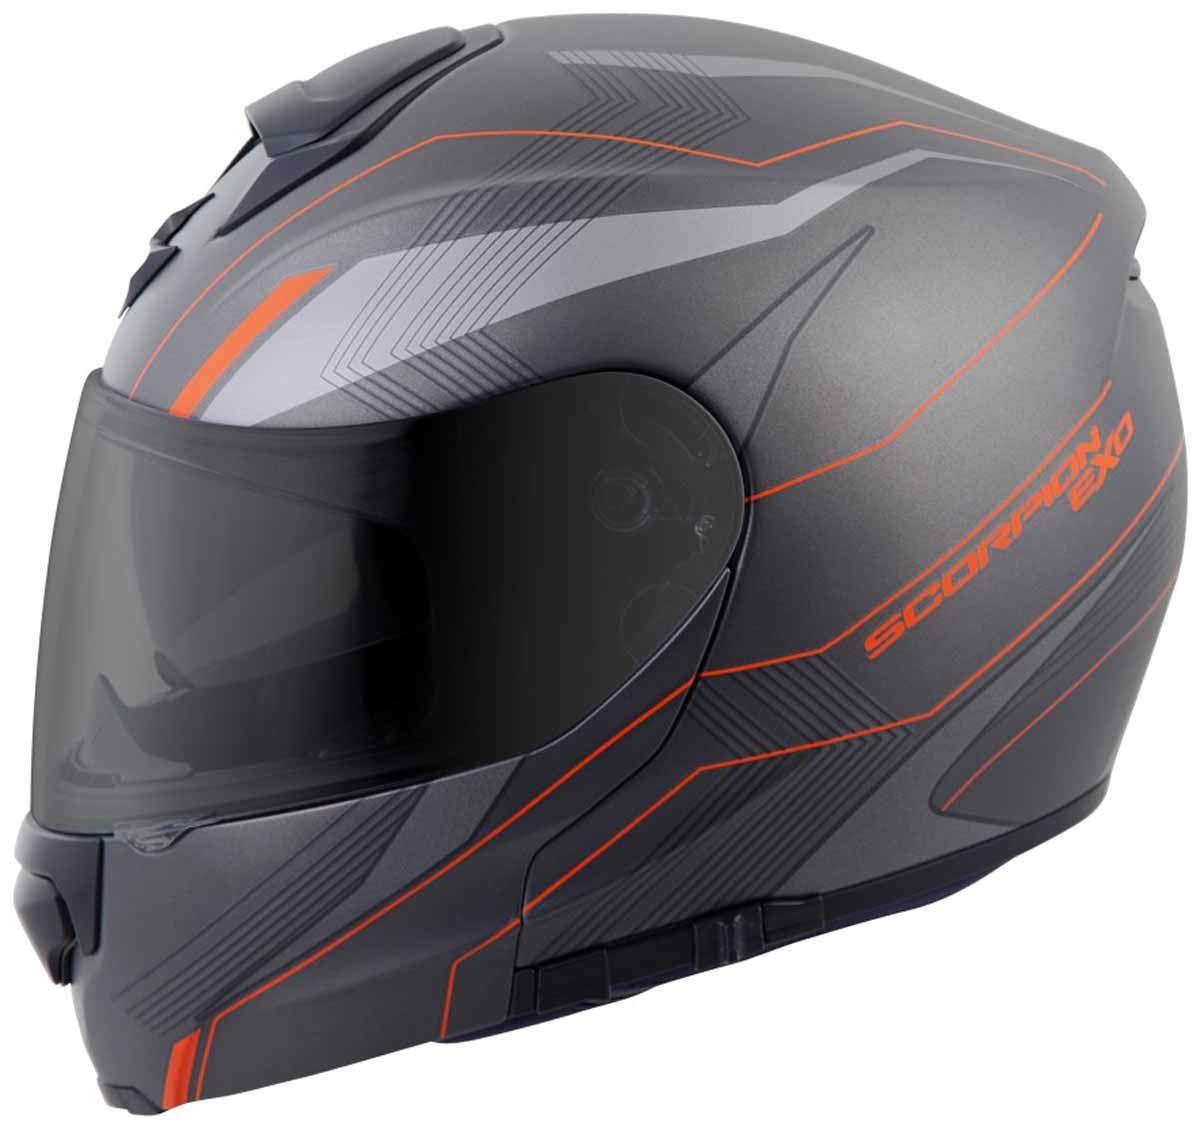 Scorpion-EXO-GT3000-Helmet-Modular-Flip-Up-Premium-DOT-Approved-XS-2XL miniature 22